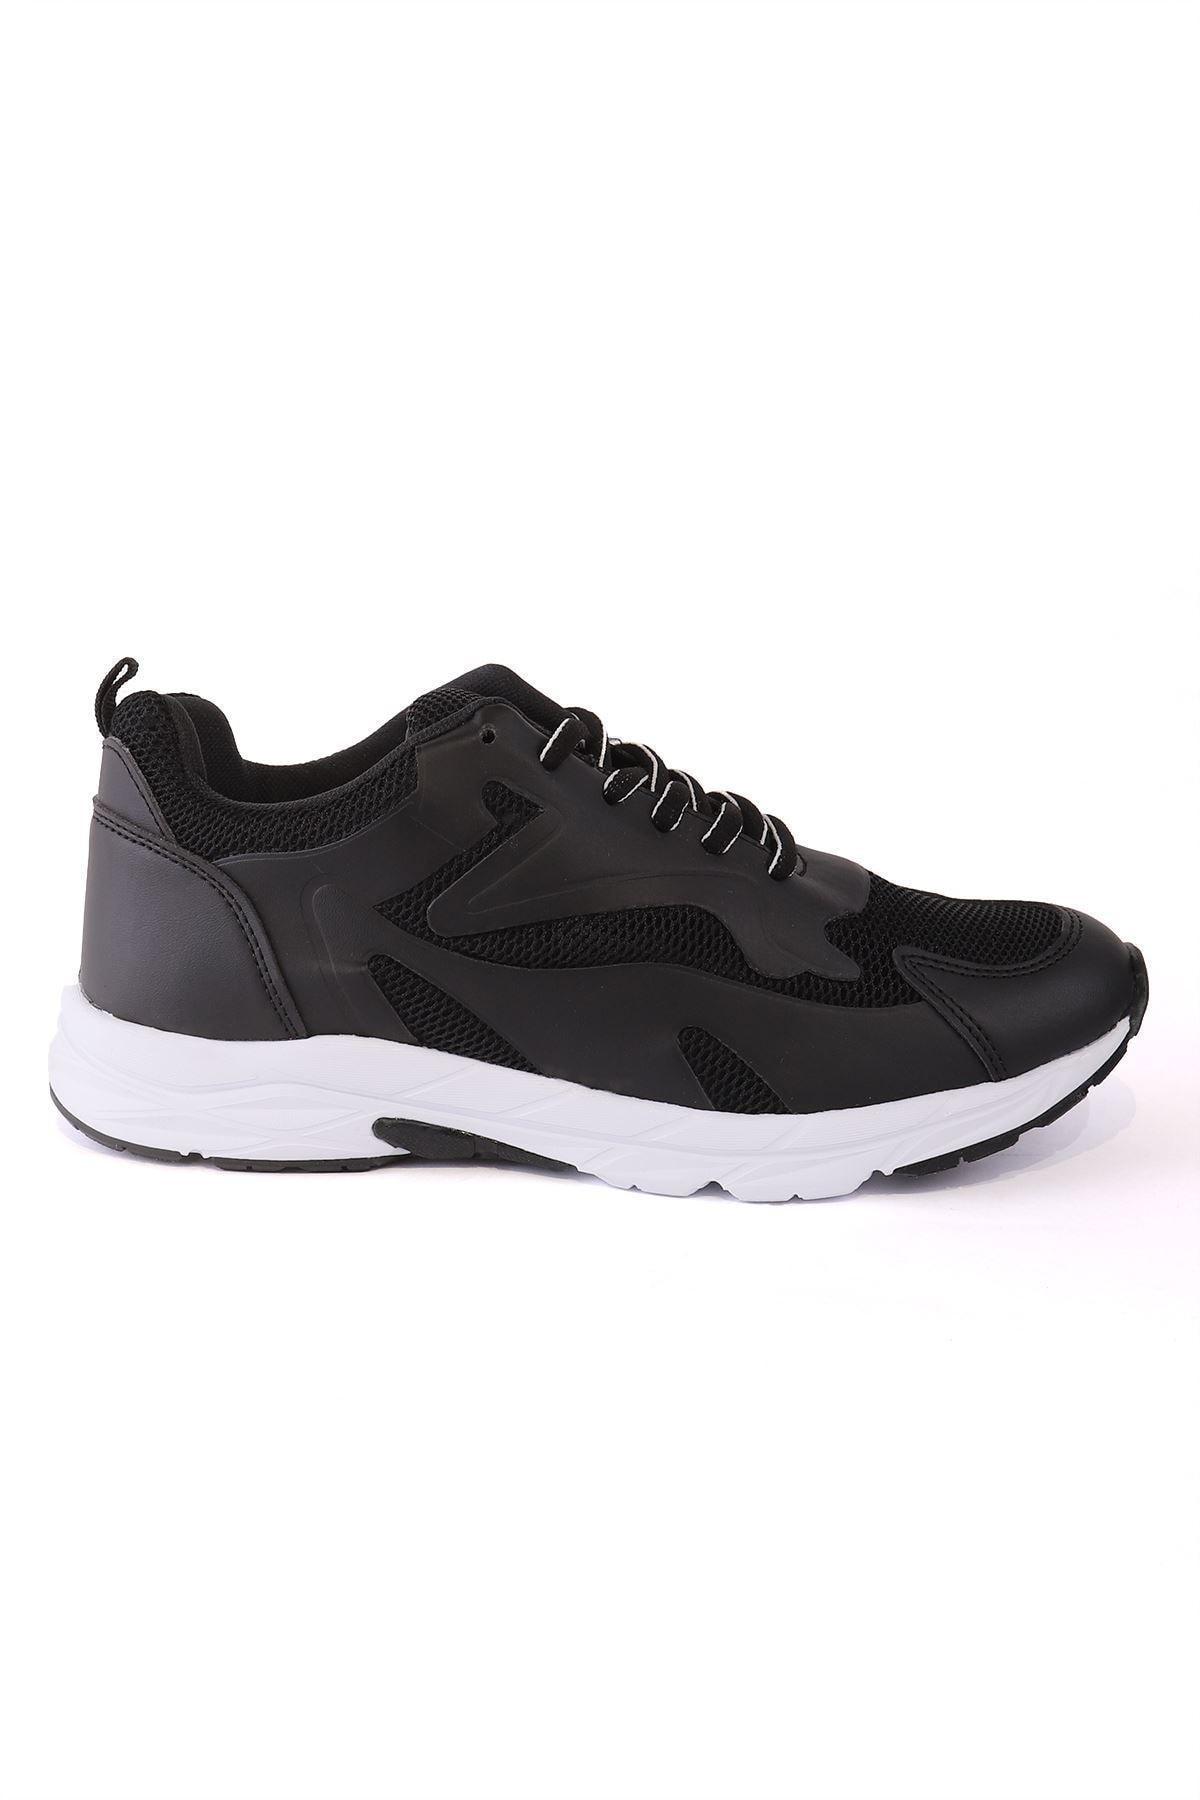 LETOON Kadın Casual Ayakkabı - WILMAZN 0